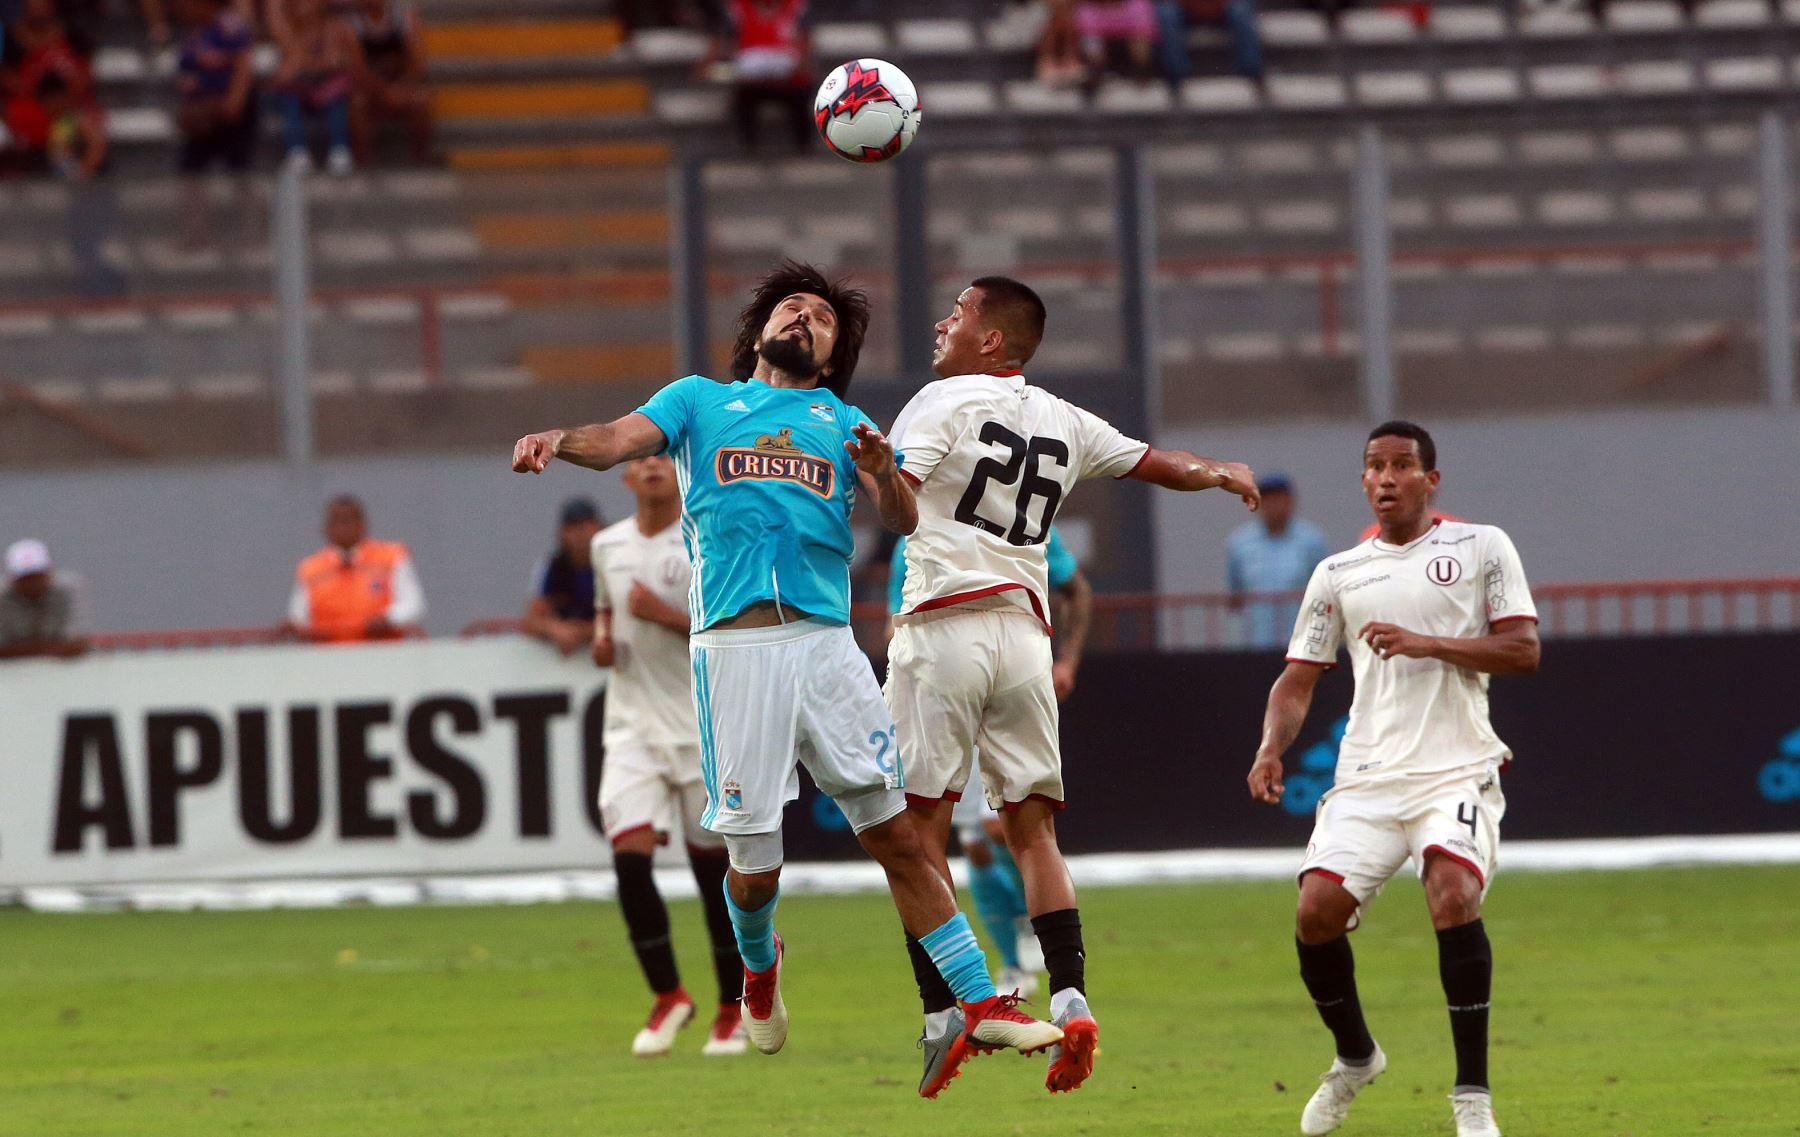 Universitario y Cristal igualaron está tarde 1-1 en el Estado Nacional en partido válido por la fecha siete del Grupo A del Torneo de Verano,en el estadio nacional. Foto:ANDINA/ Jhony Laurente